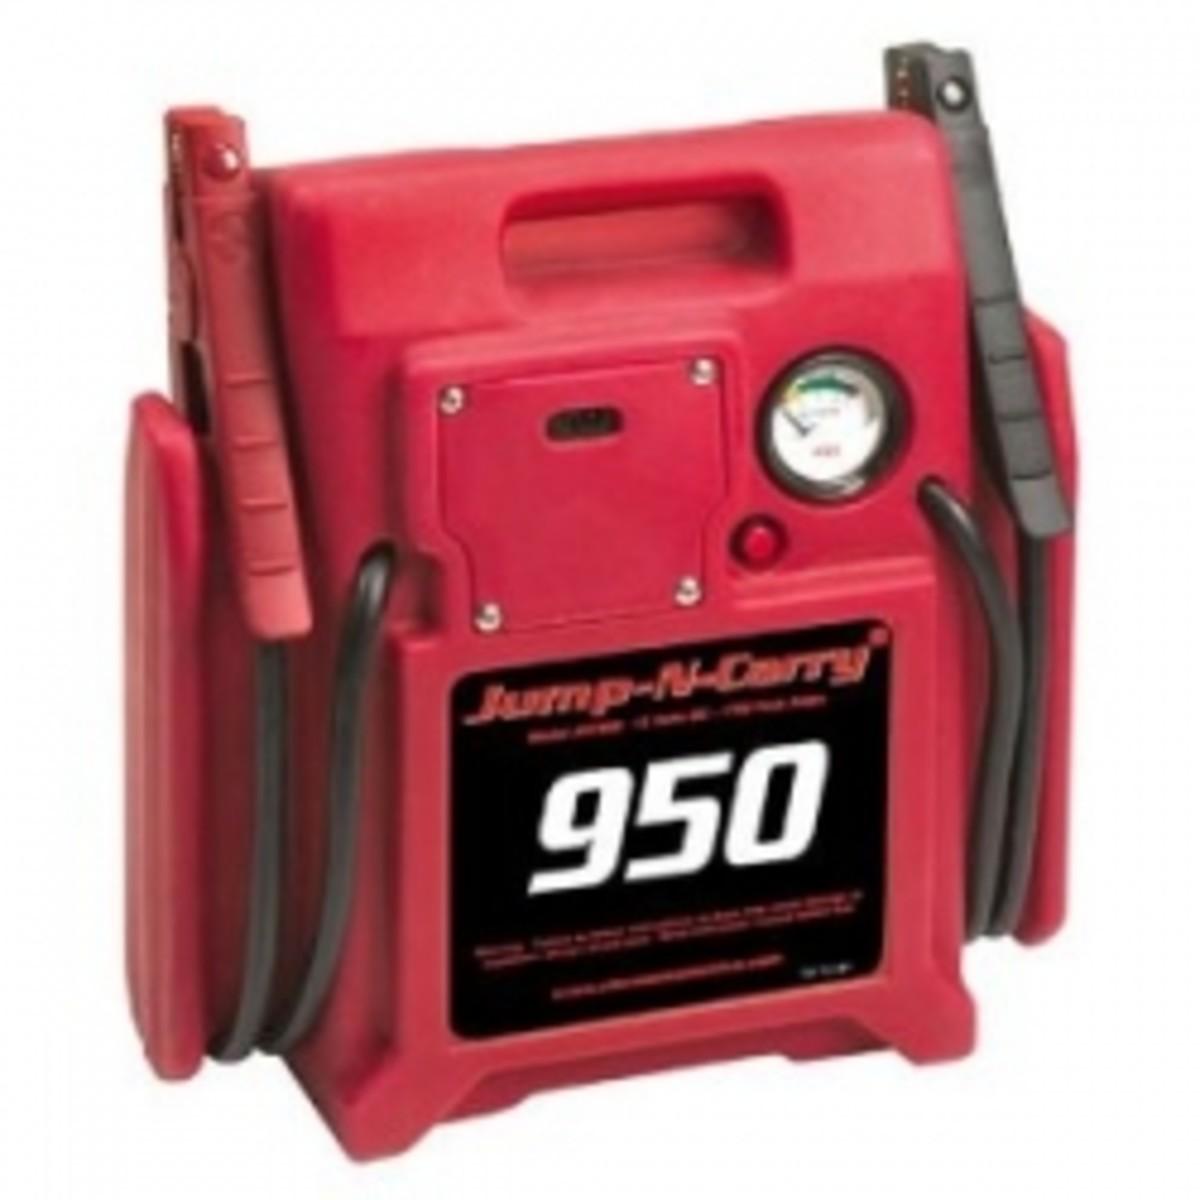 Jump n carry 950 jump starter